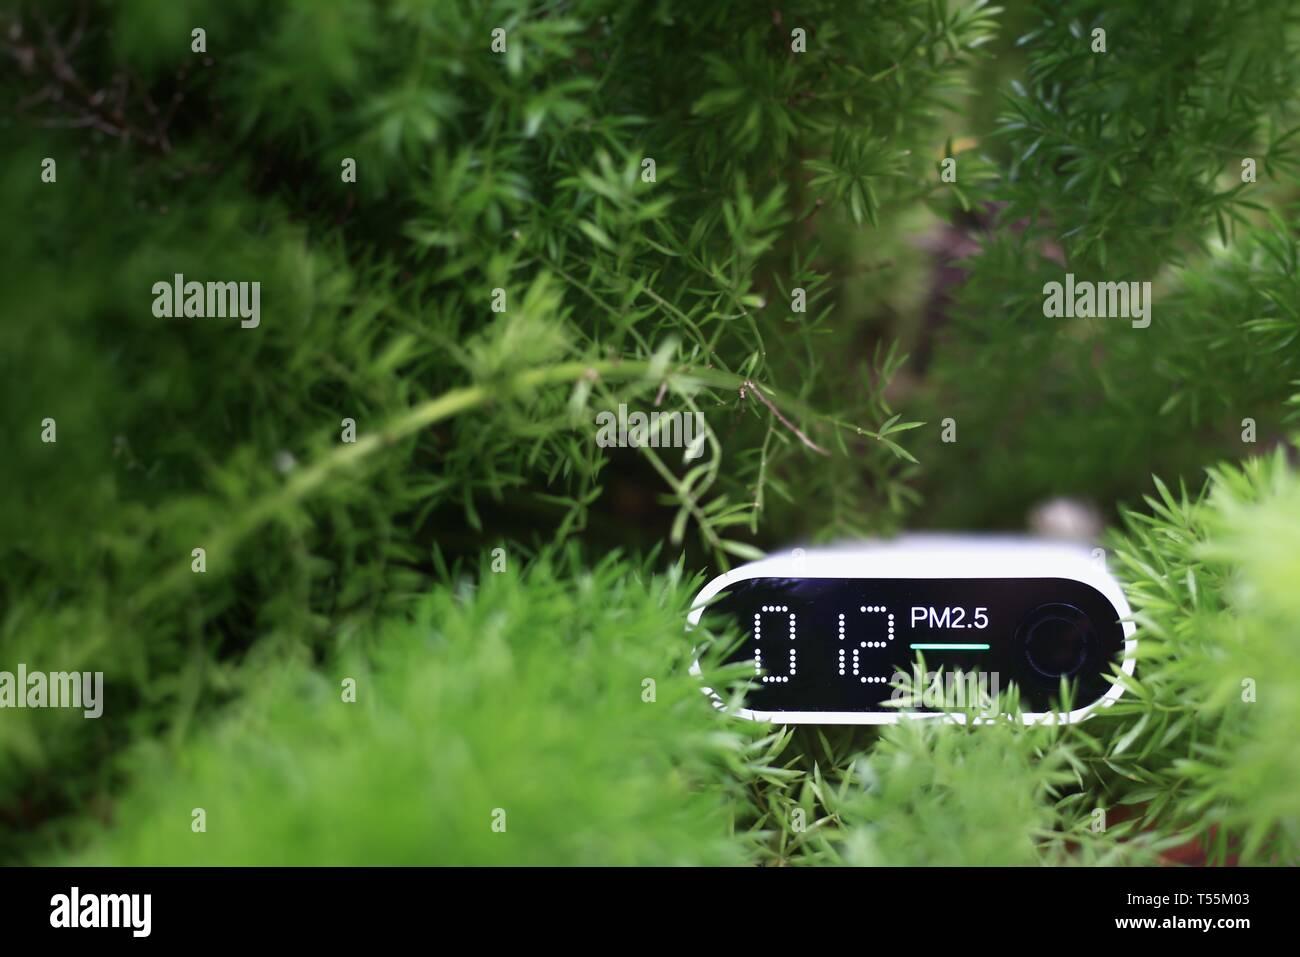 All'aperto di misurazione della qualità dell'aria. particolato 2.5 (pm.2.5) sensore in una boccola. dannosa piccolo rilevatore di polvere indicato sano accettabili di qualità dell'aria Foto Stock